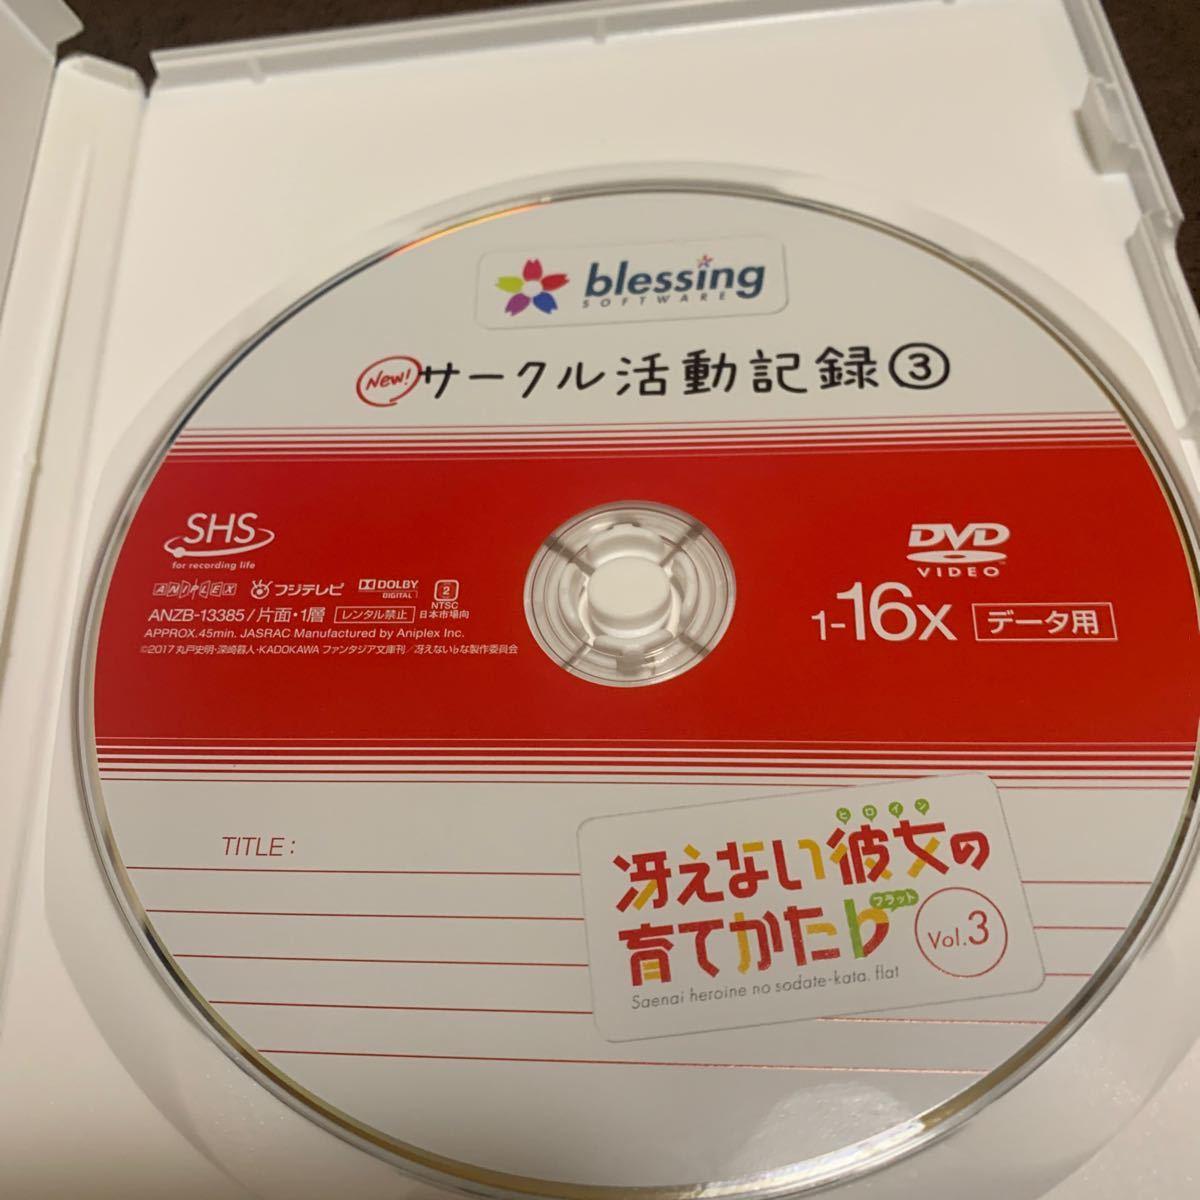 冴えない彼女の育てかた♭3 DVD